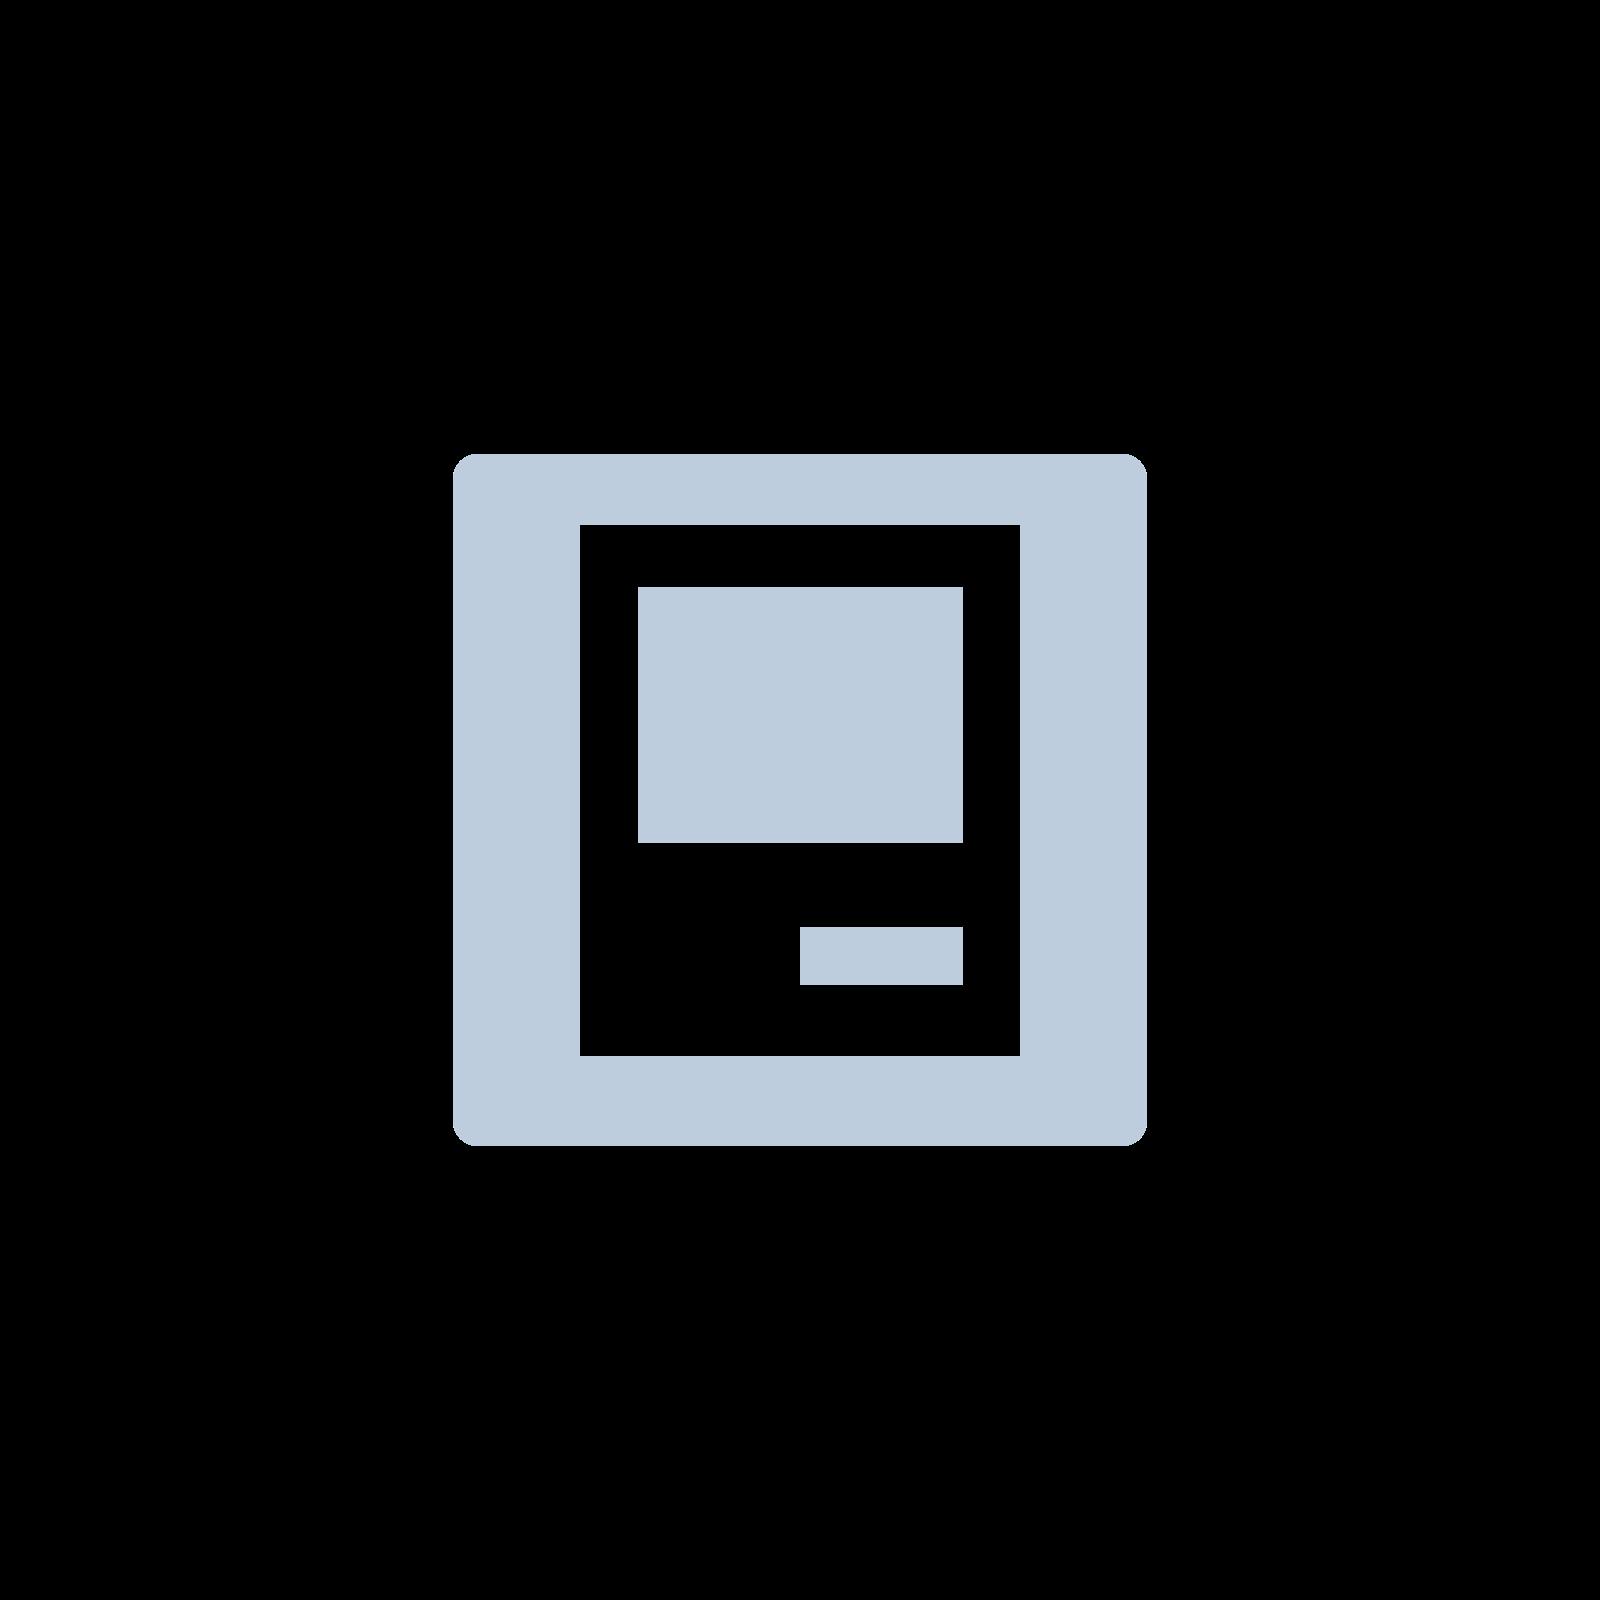 Apple XServe G5 Main Logic Board 0Z826-6789-A